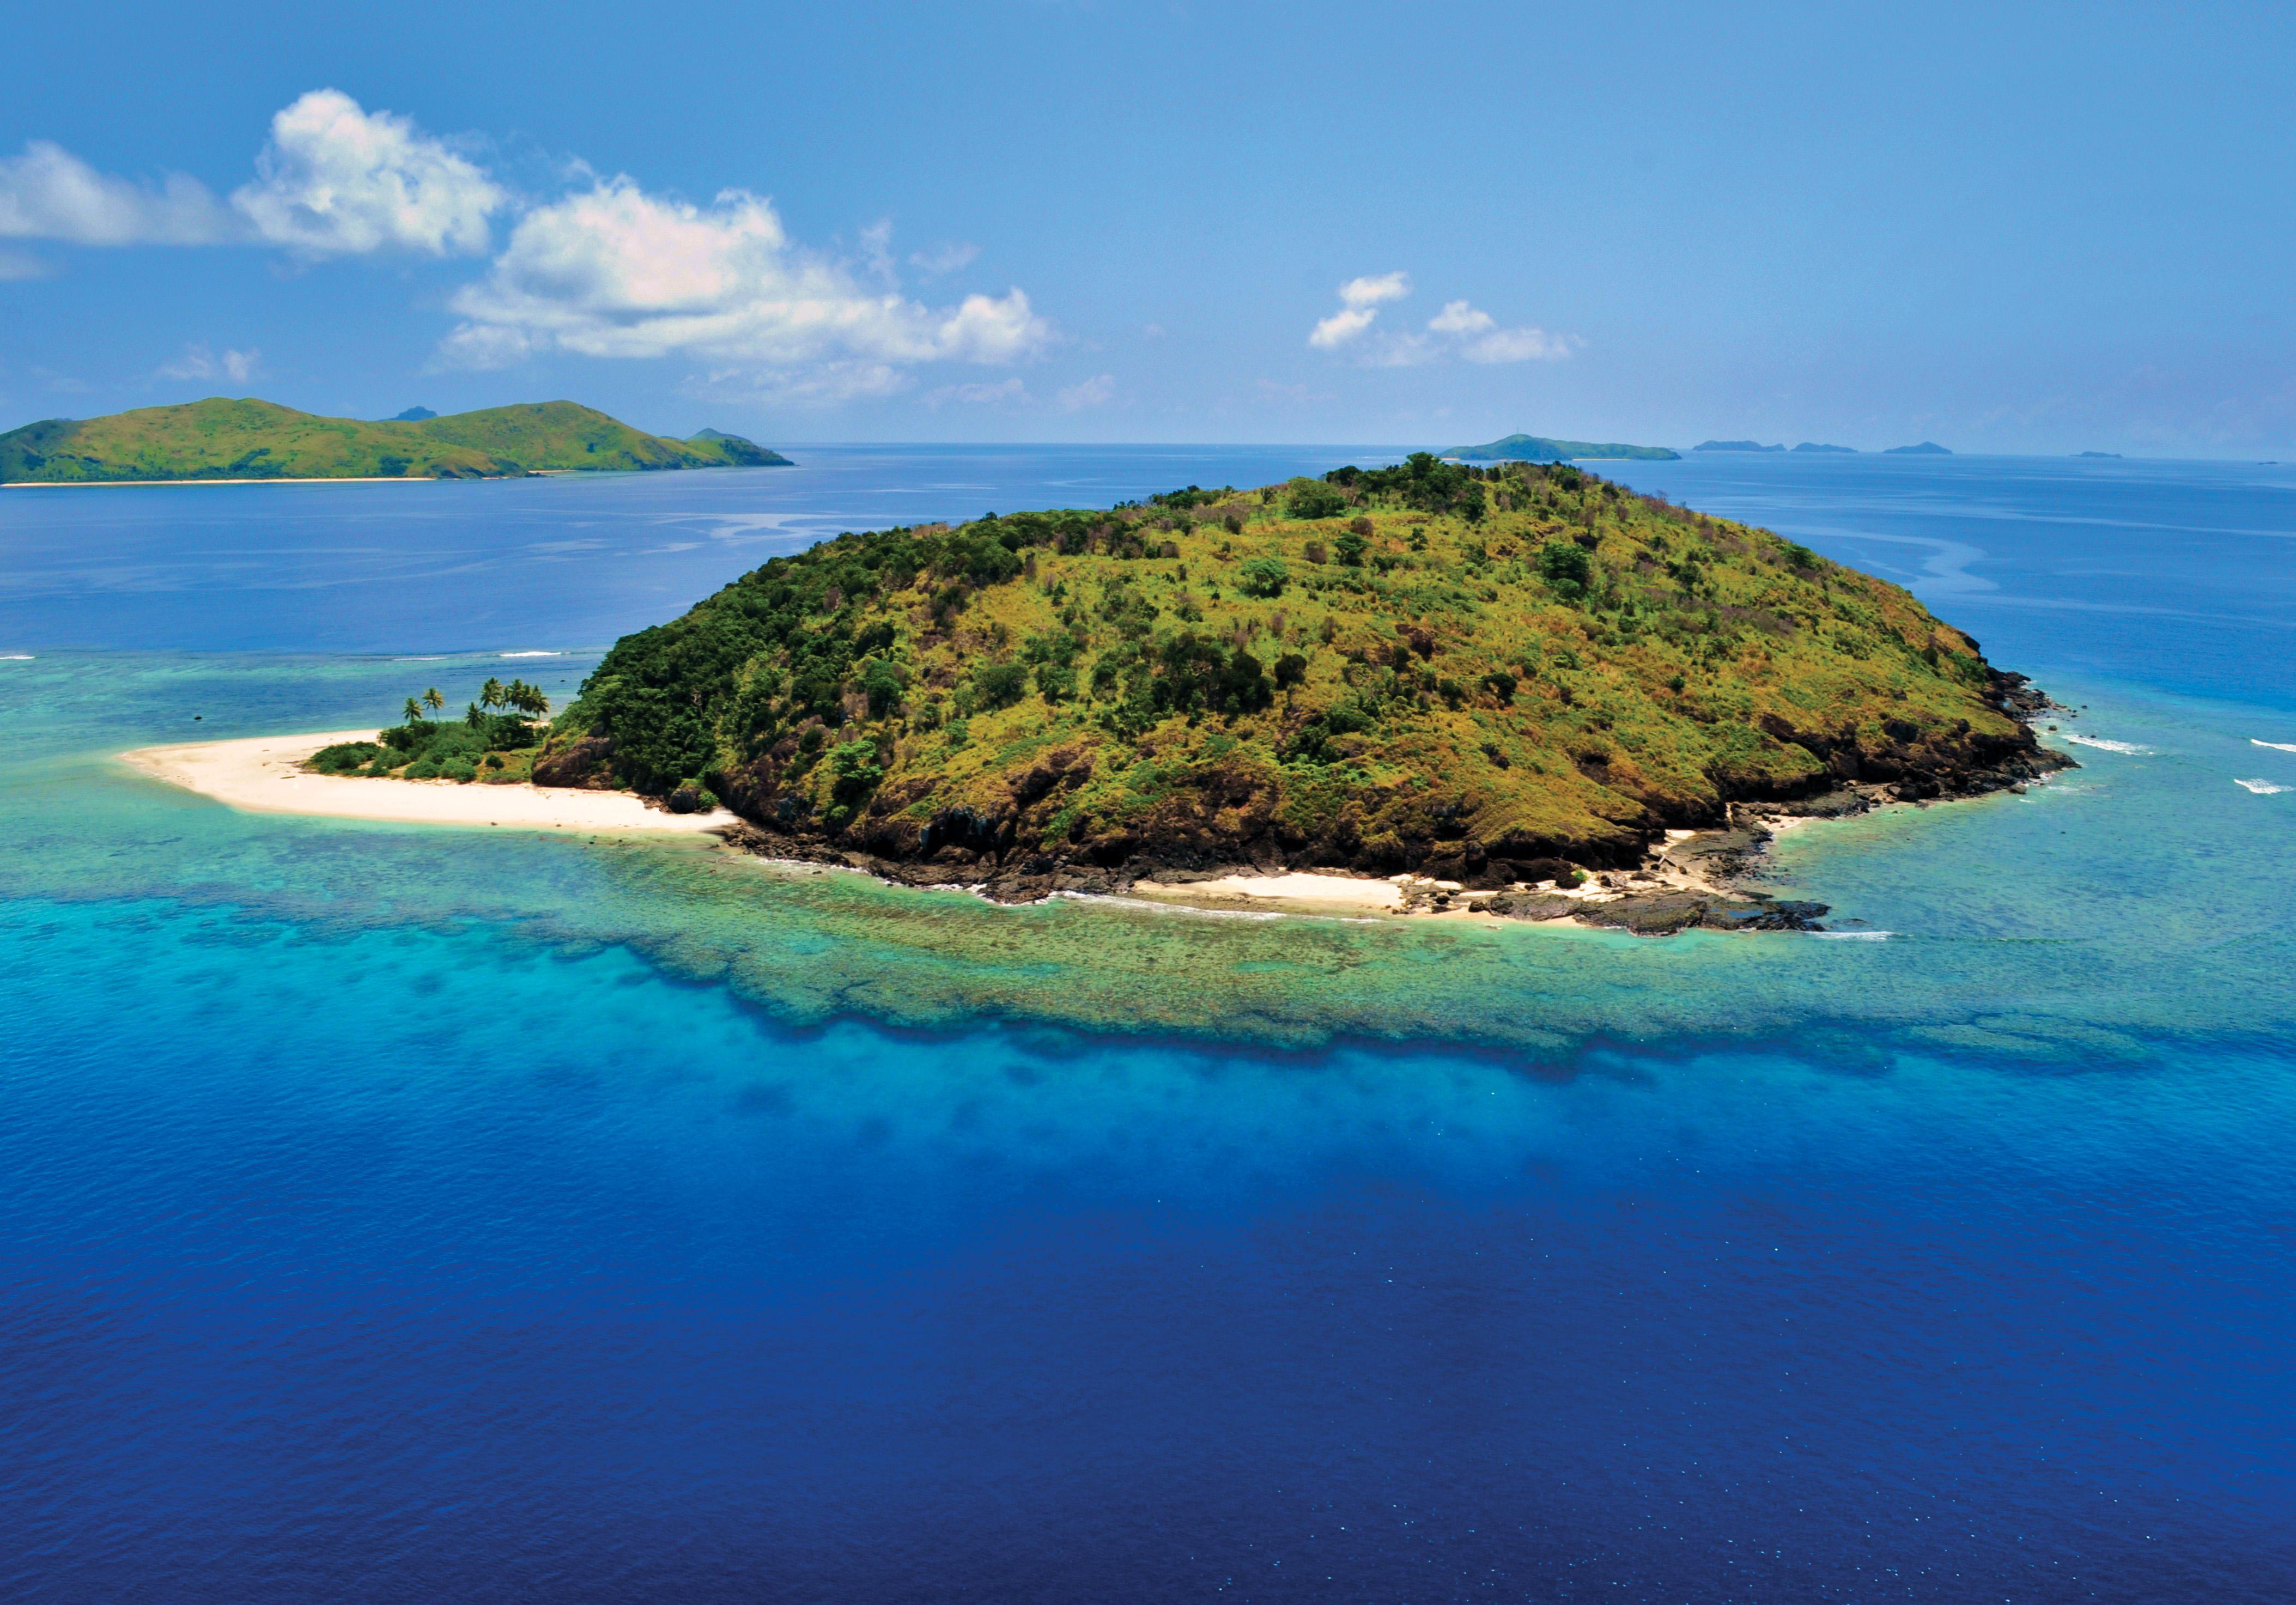 Islands For Sale In Vanuatu, South Pacific